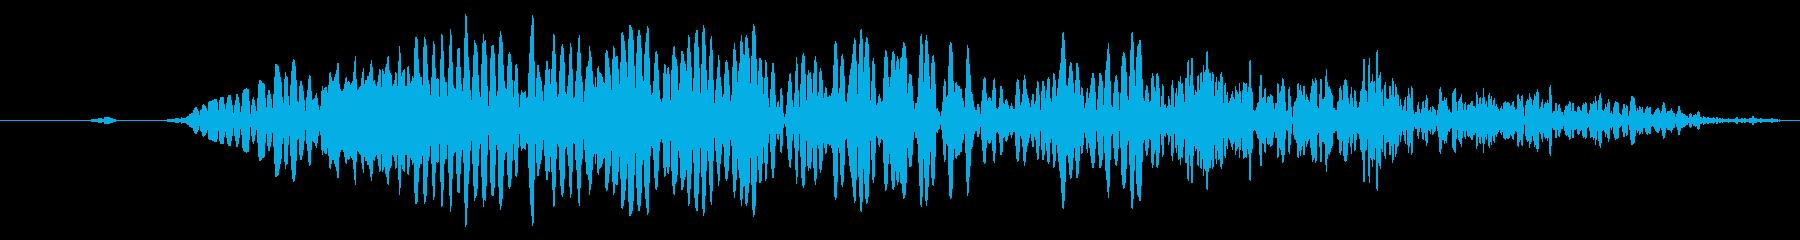 泡や水/キャンセル/警告音に最適です!の再生済みの波形